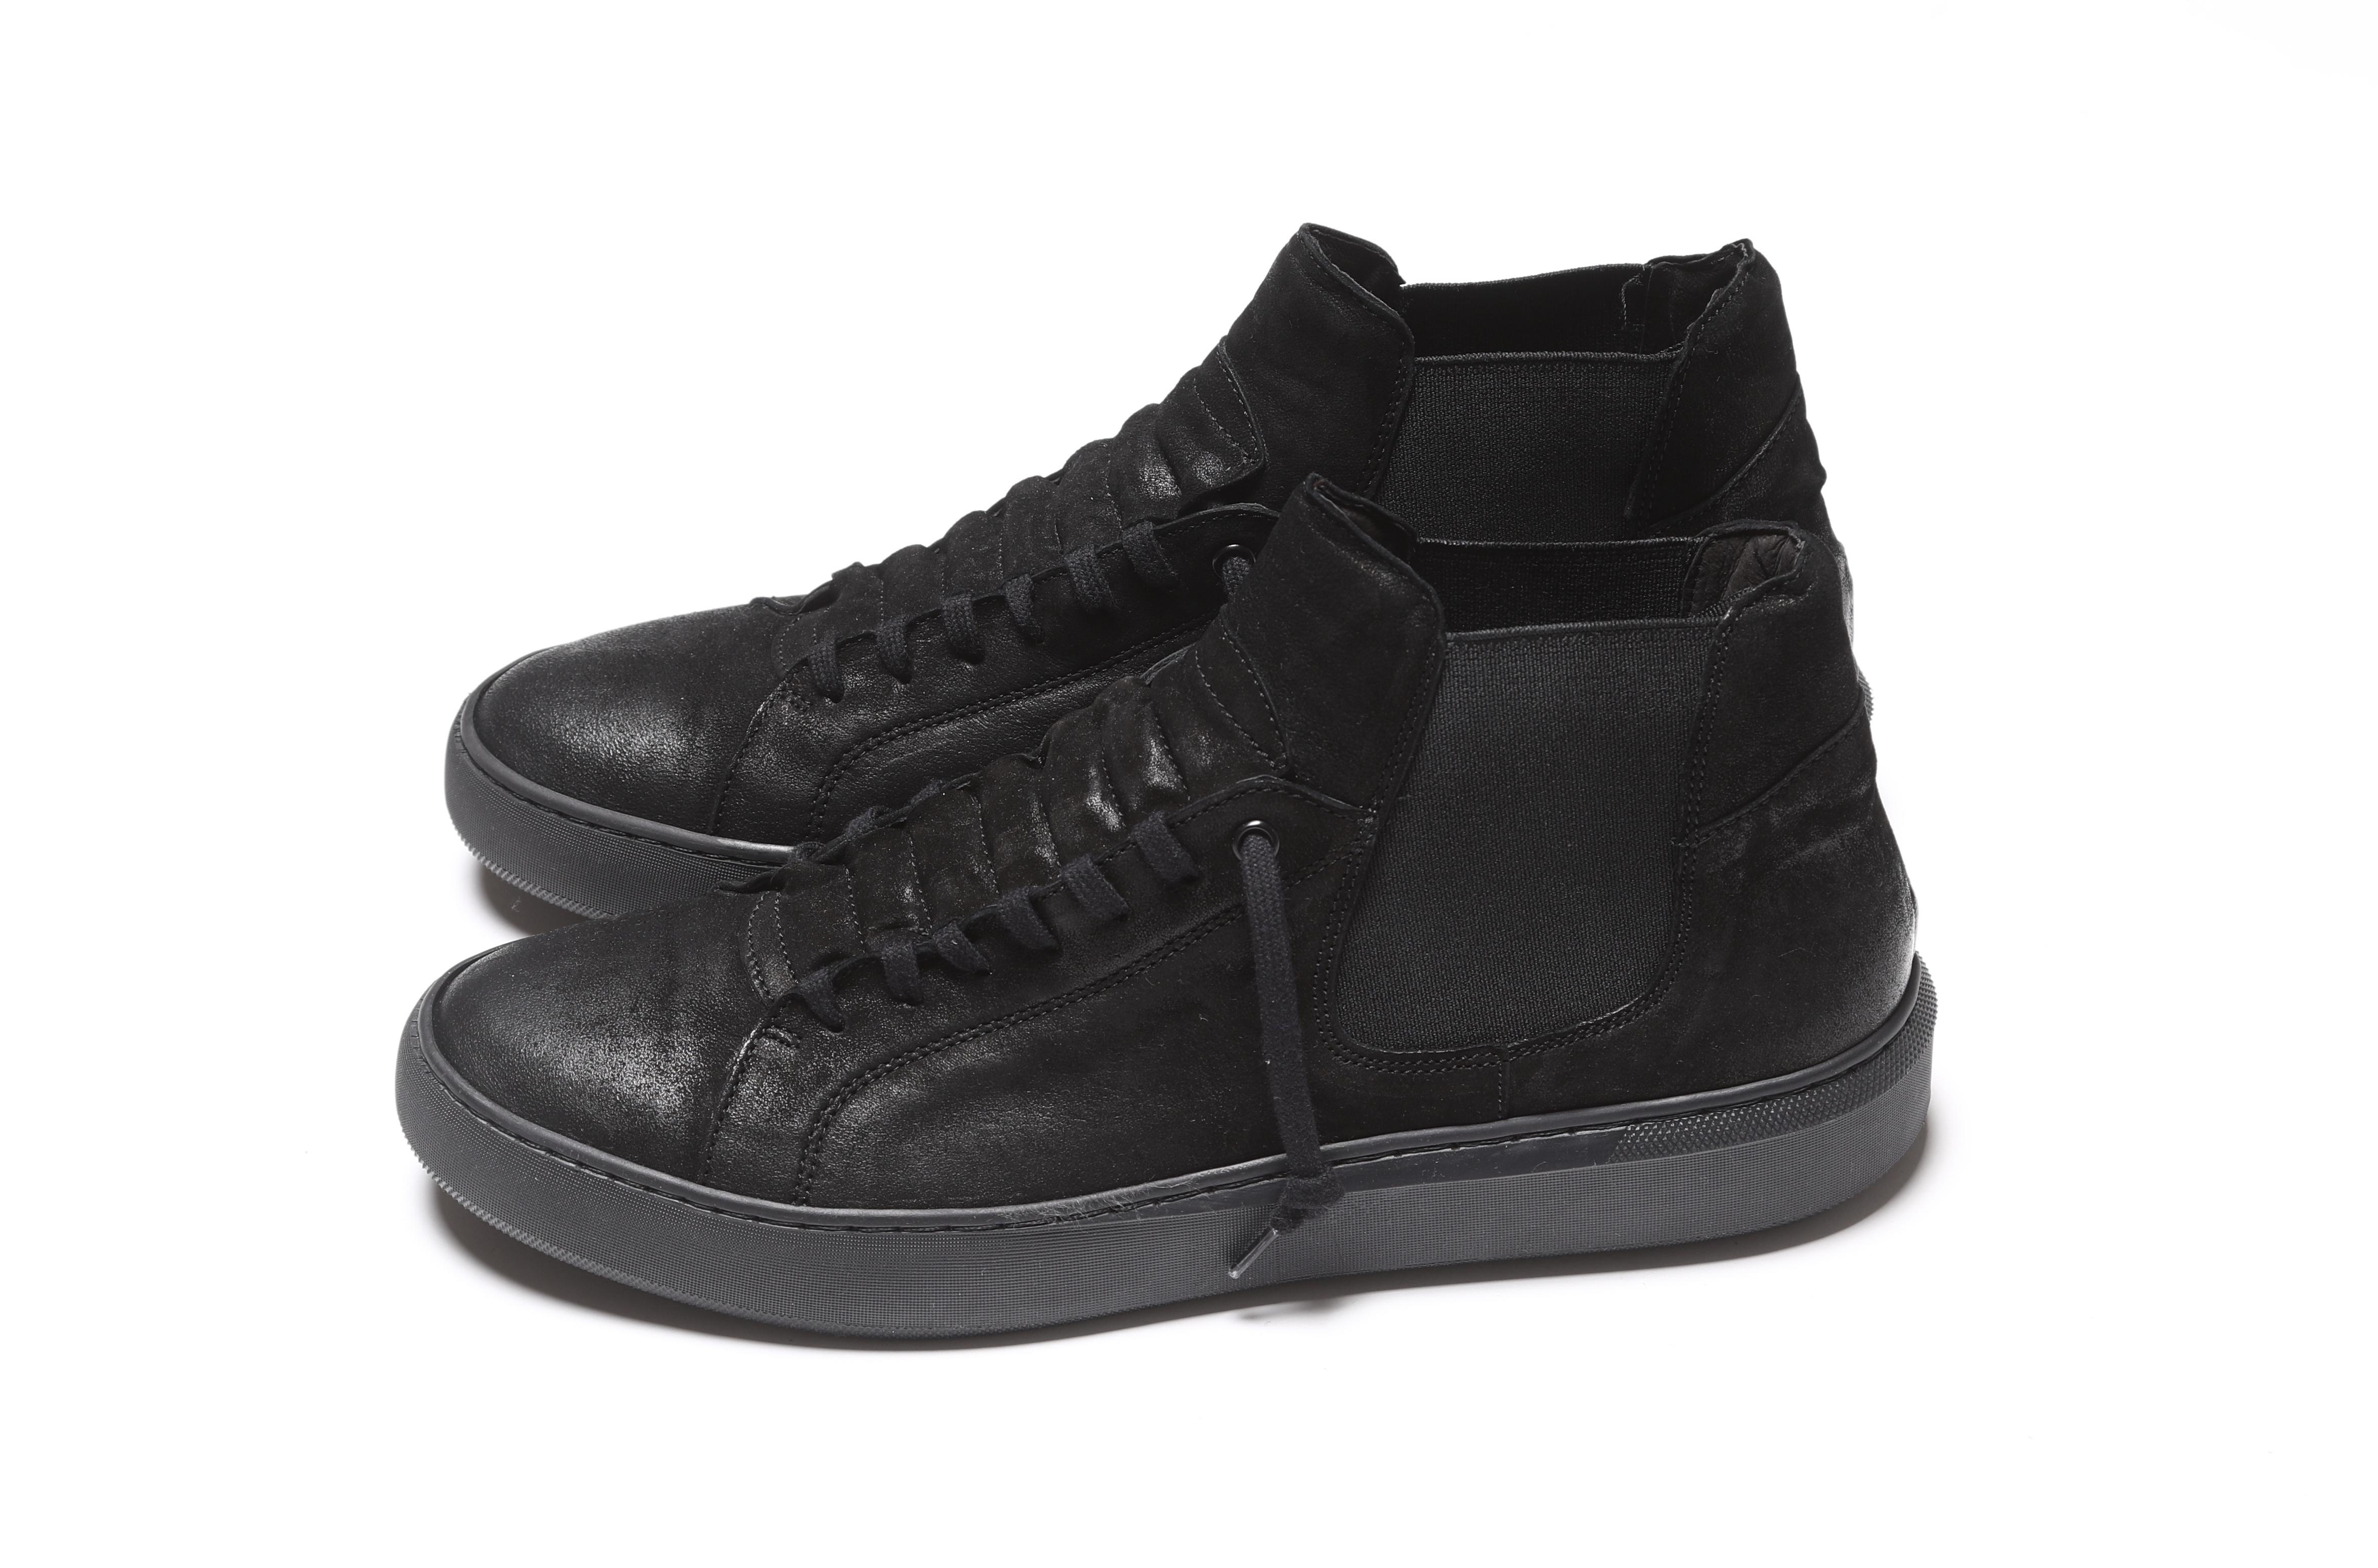 sneaker-camoscio-nero-pawelks-prato-firenze